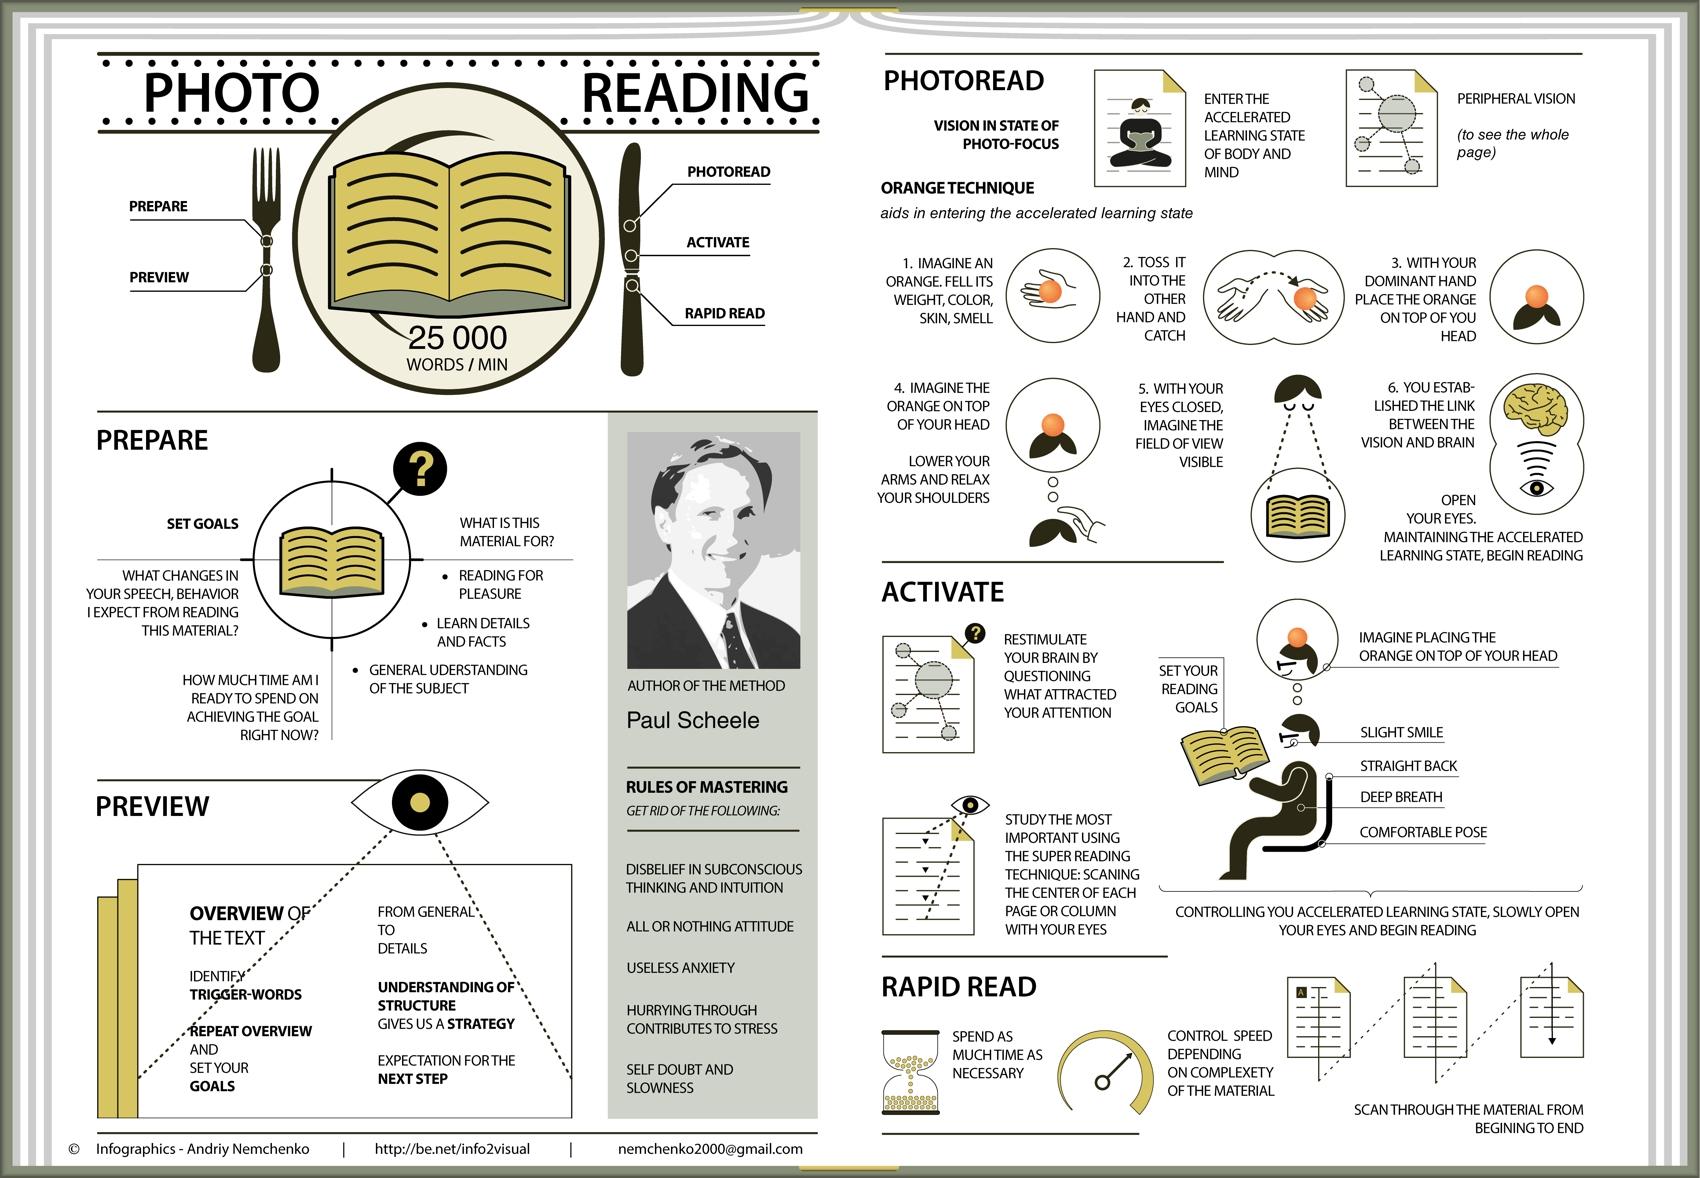 Photo reading technique infographic